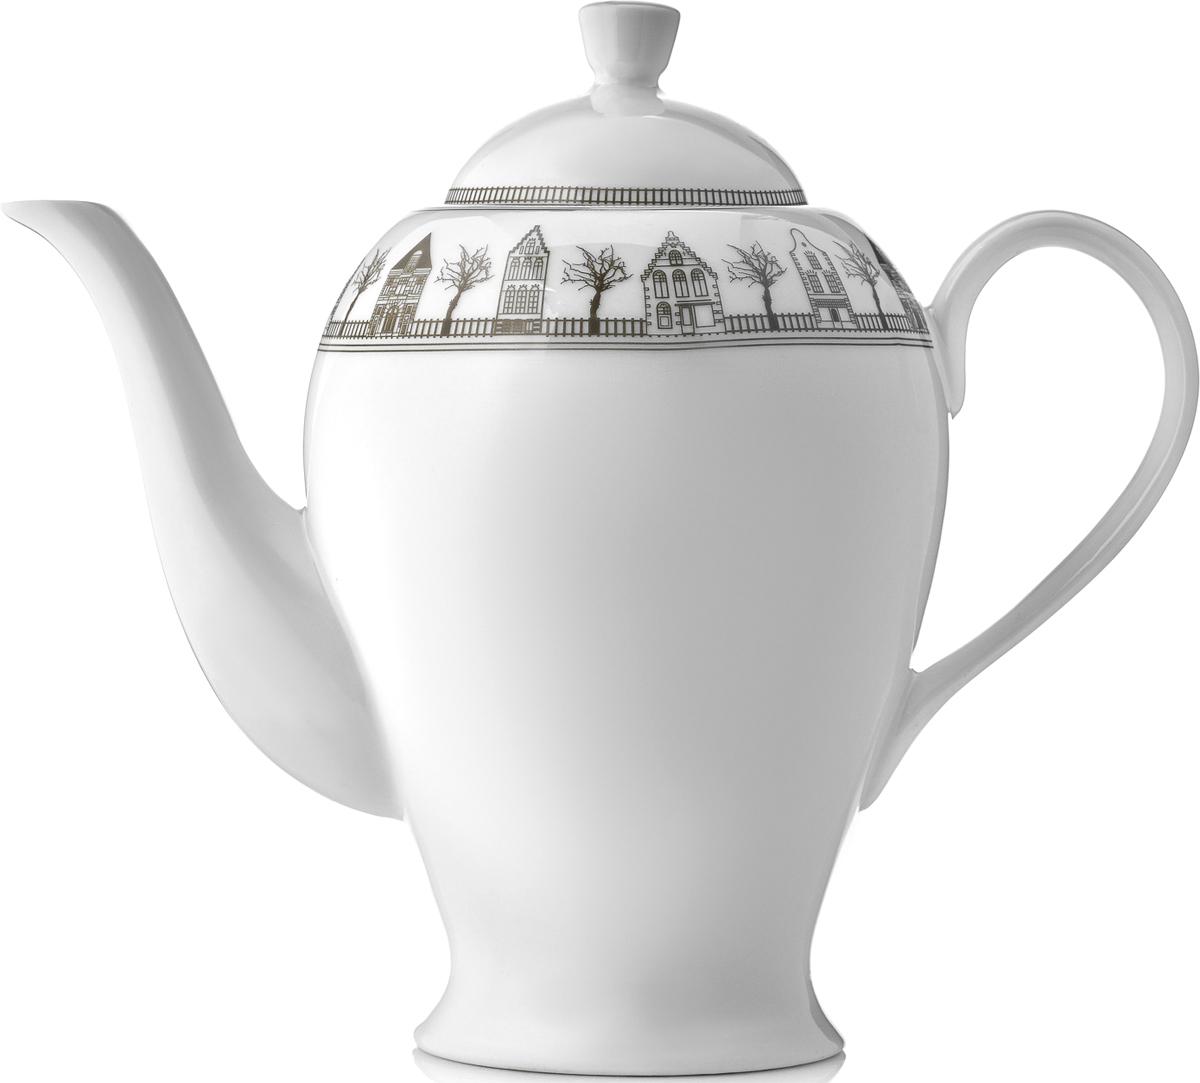 Чайник заварочный Esprado Saragossa, 1,29 лSRGL12BE306Чайник заварочный Esprado Saragossa изготовлен из высококачественного фарфораи декорирован очаровательным цветочным рисунком. Такой дизайн,несомненно, придется по вкусу и любителям классики, и тем кто ценит красоту иизящество.Такой чайник украсит ваш кухонный стол, а также станетзамечательным подарком к любому празднику.Можно использовать в микроволновой печи и мыть в посудомоечной машине.